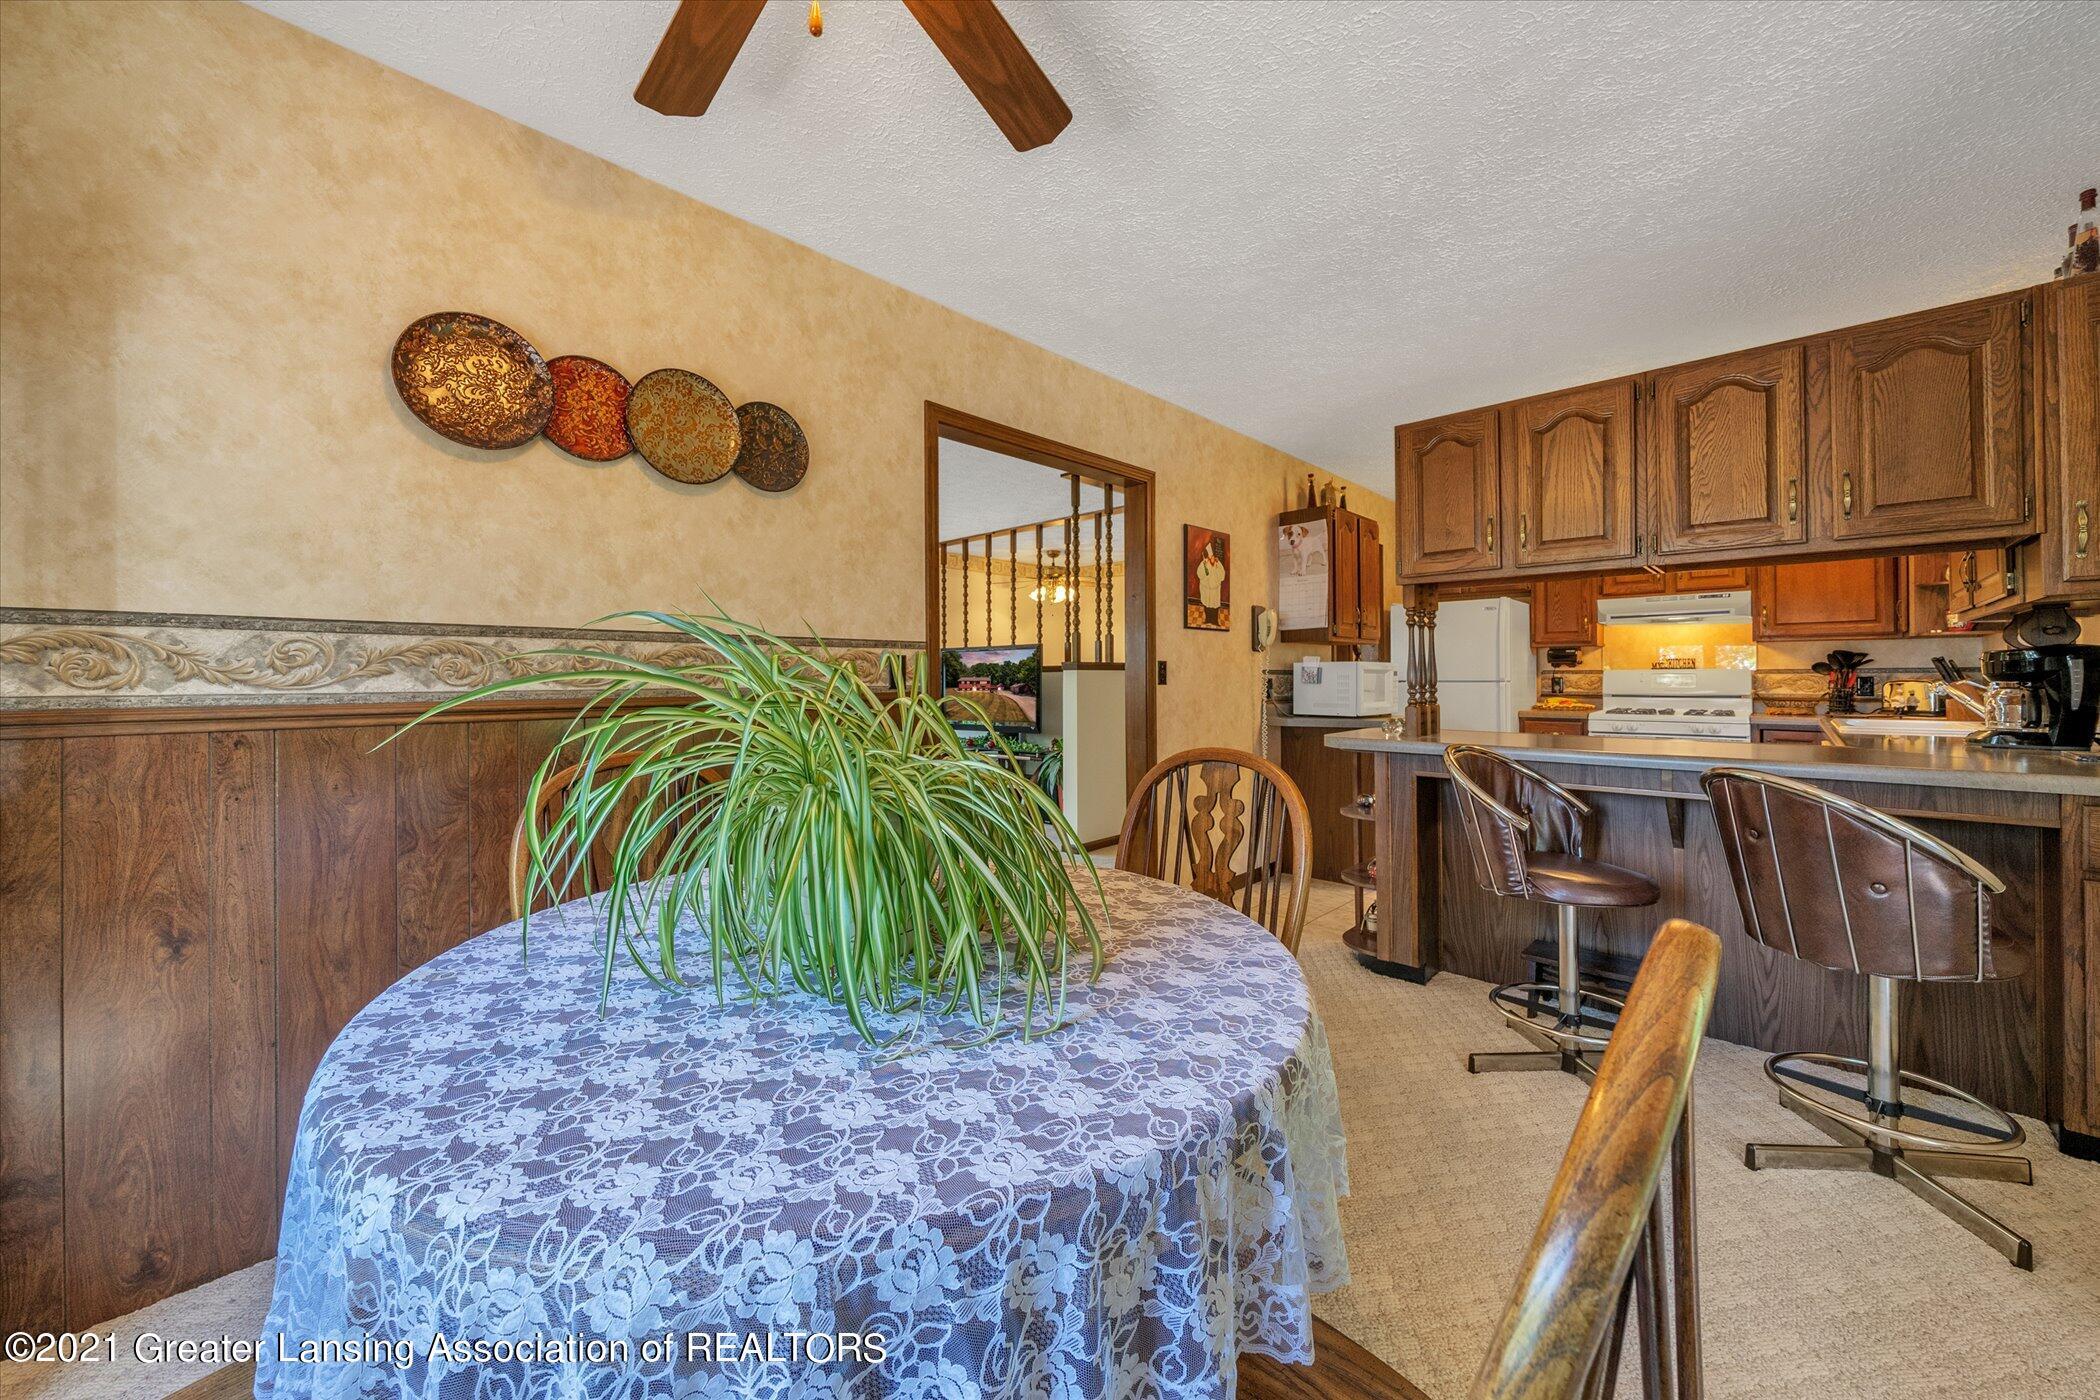 7851 S Cochran Rd - (19) MAIN FLOOR Dining Room - 19